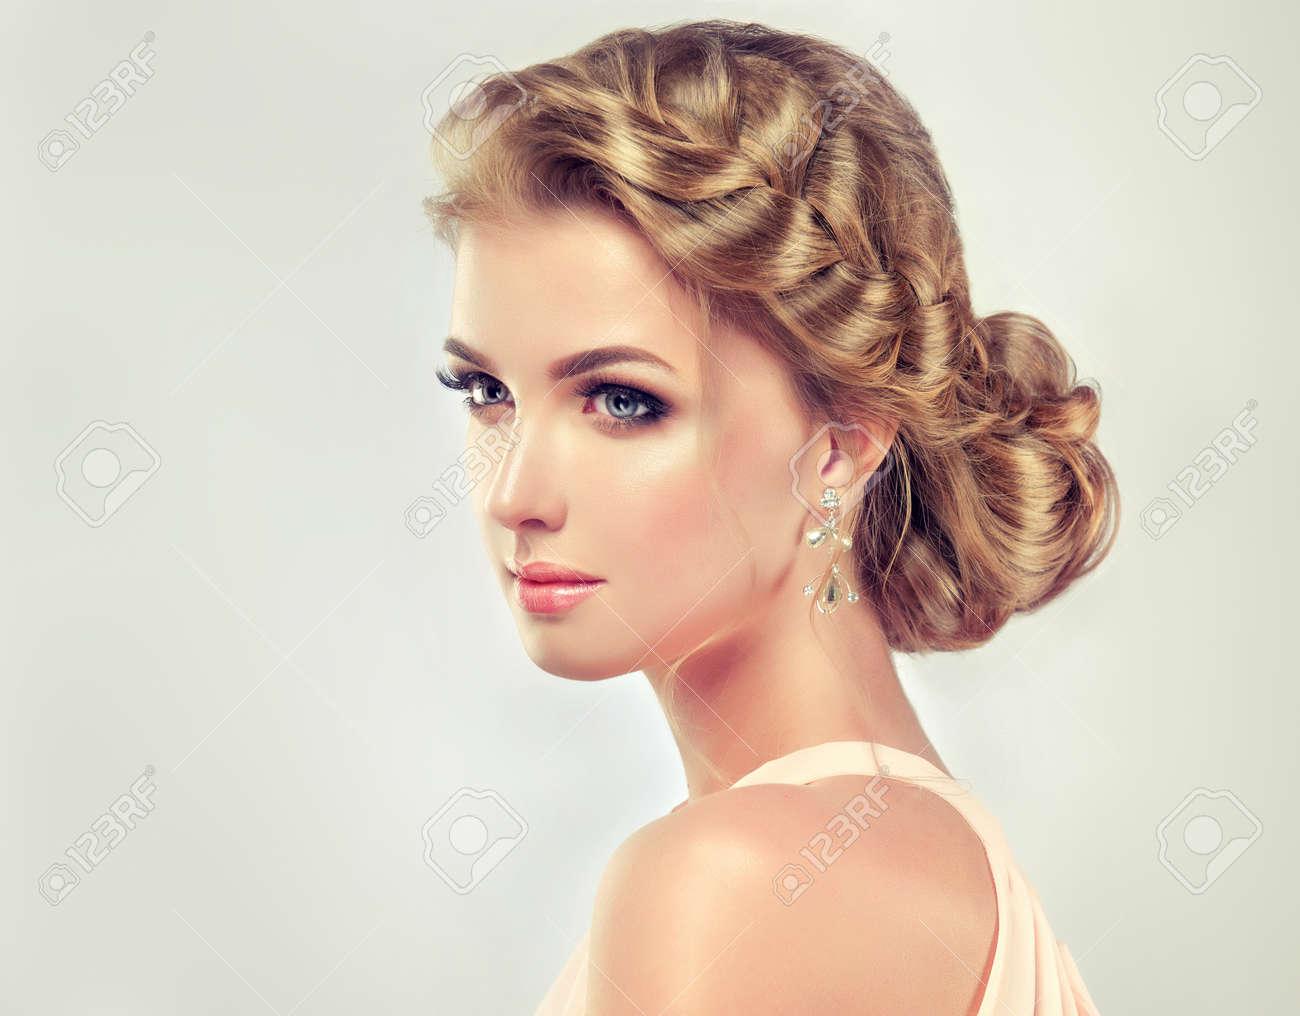 Schone Modell Madchen Mit Eleganten Frisur Beautiy Frau Mit Mode